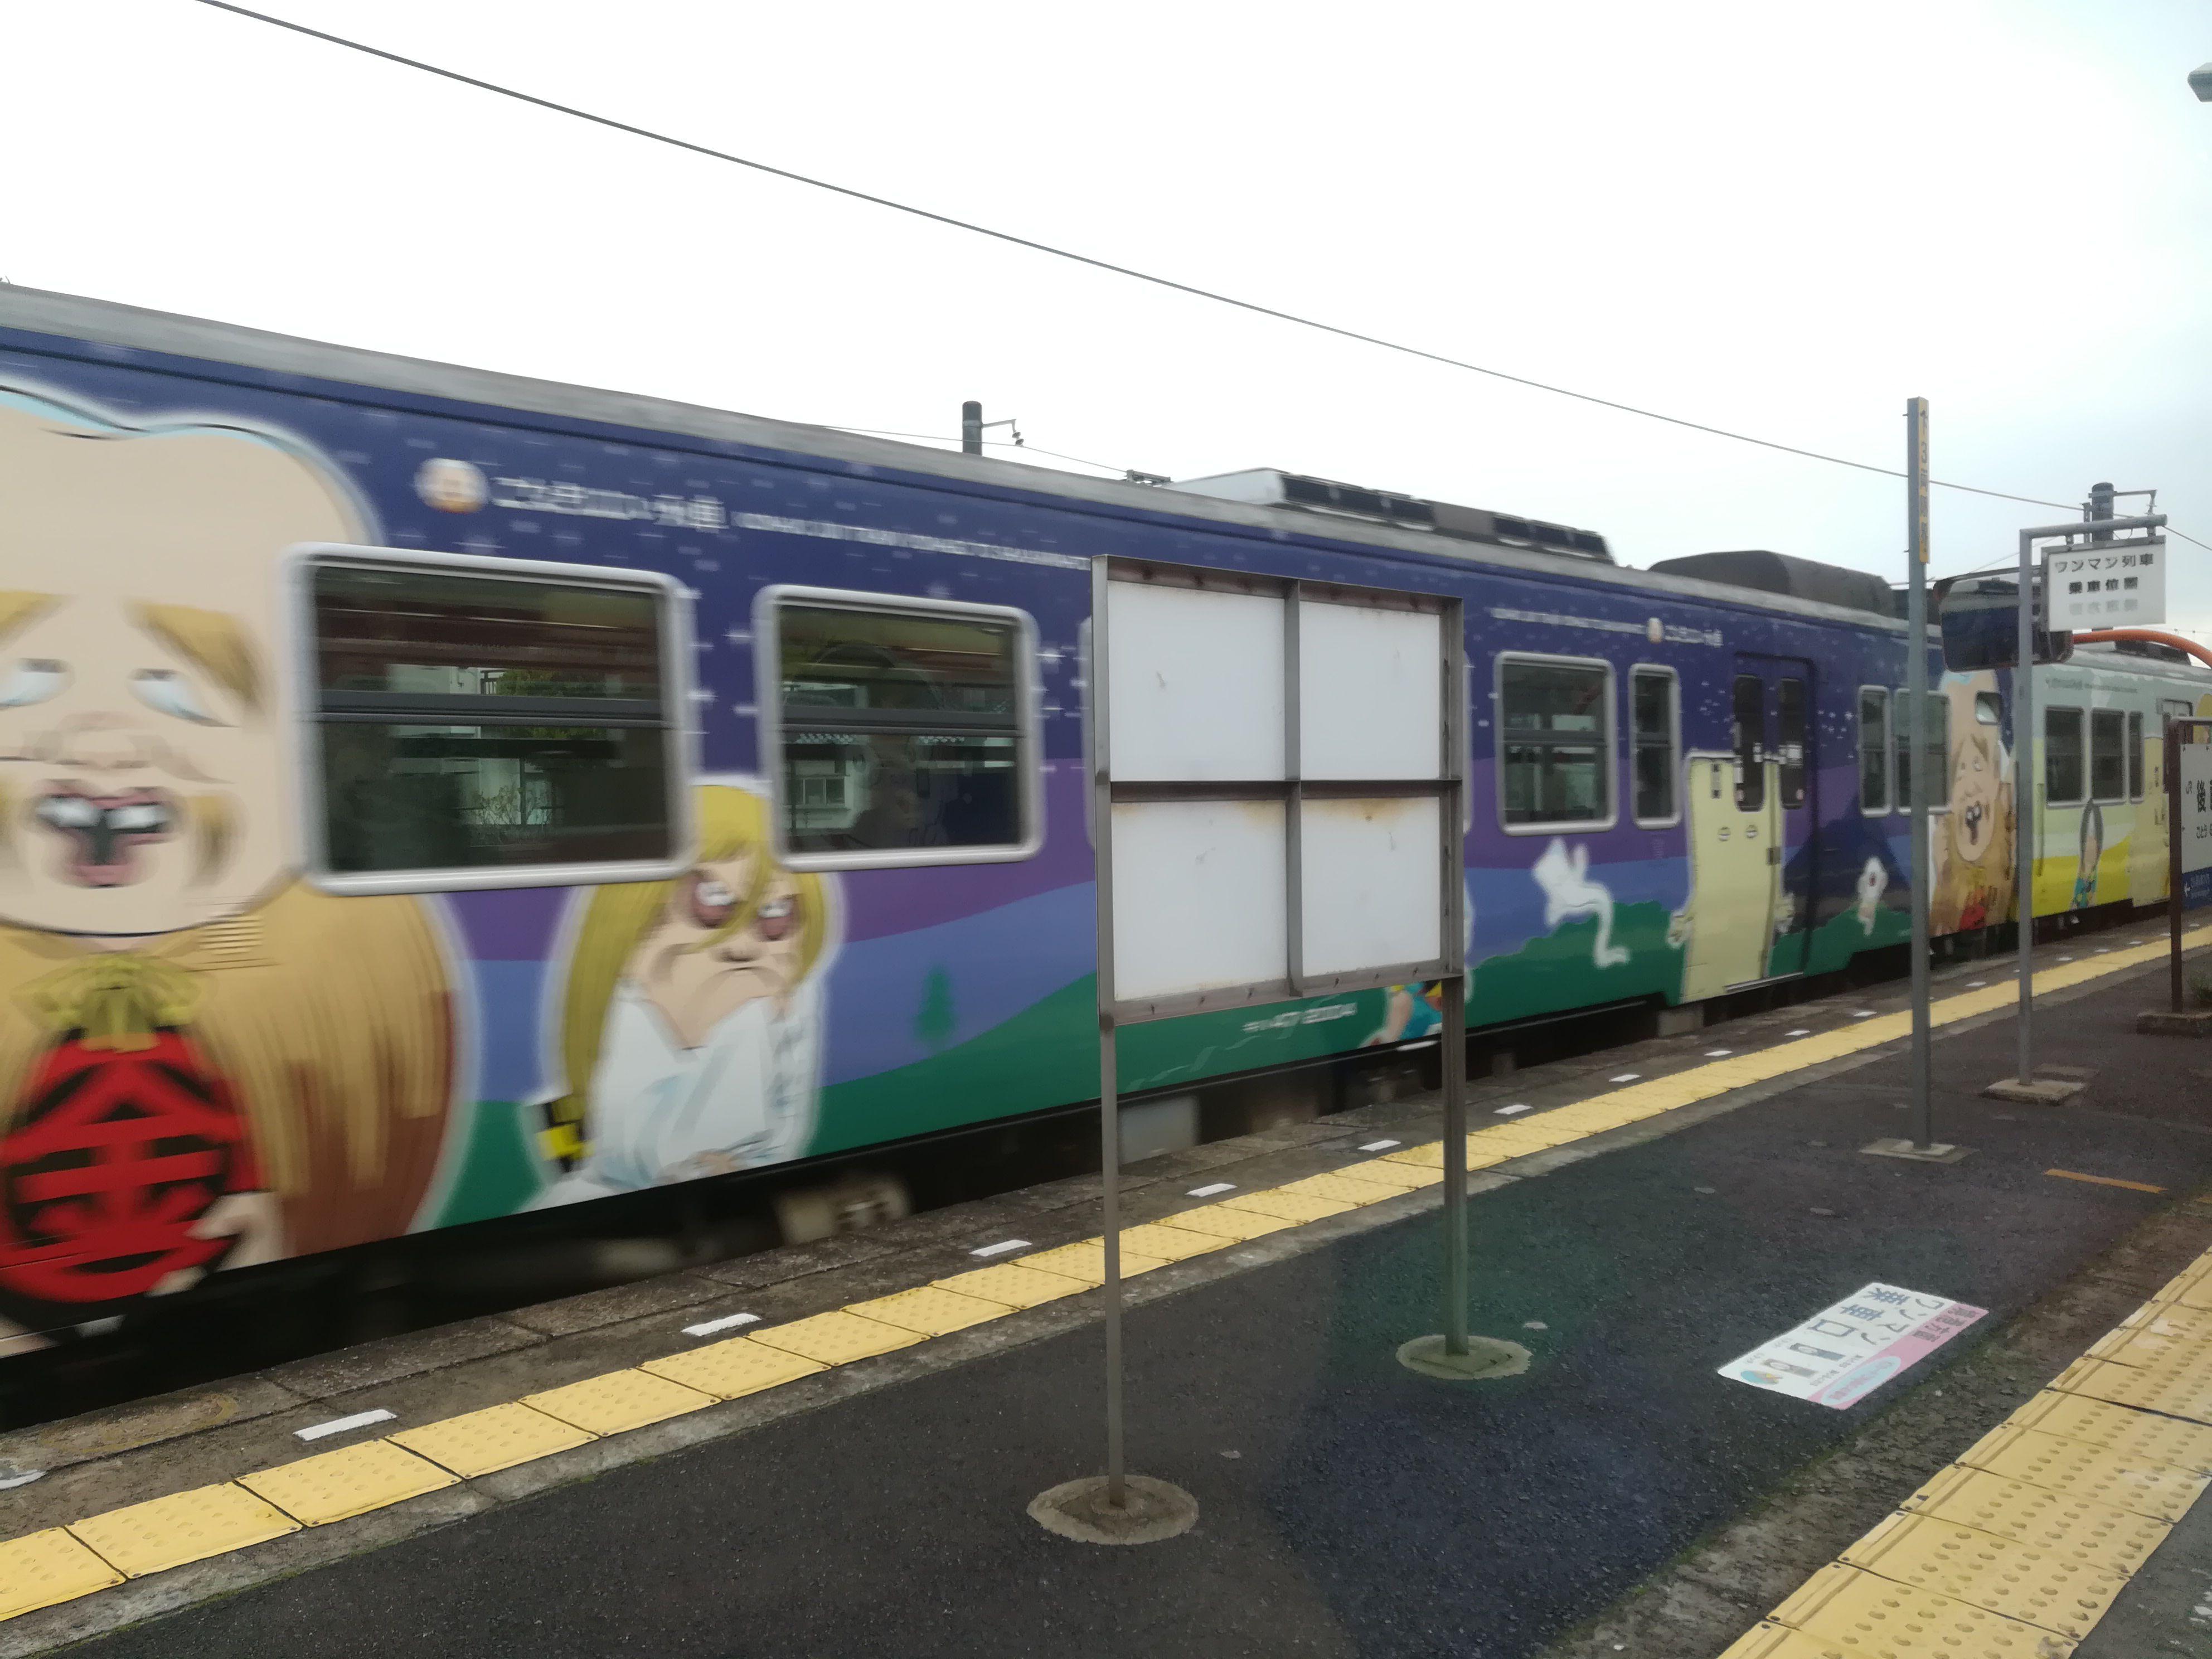 ลวดลายตกเเต่งรถไฟด้วยการ์ตูนผีน้อยคิทาโร่